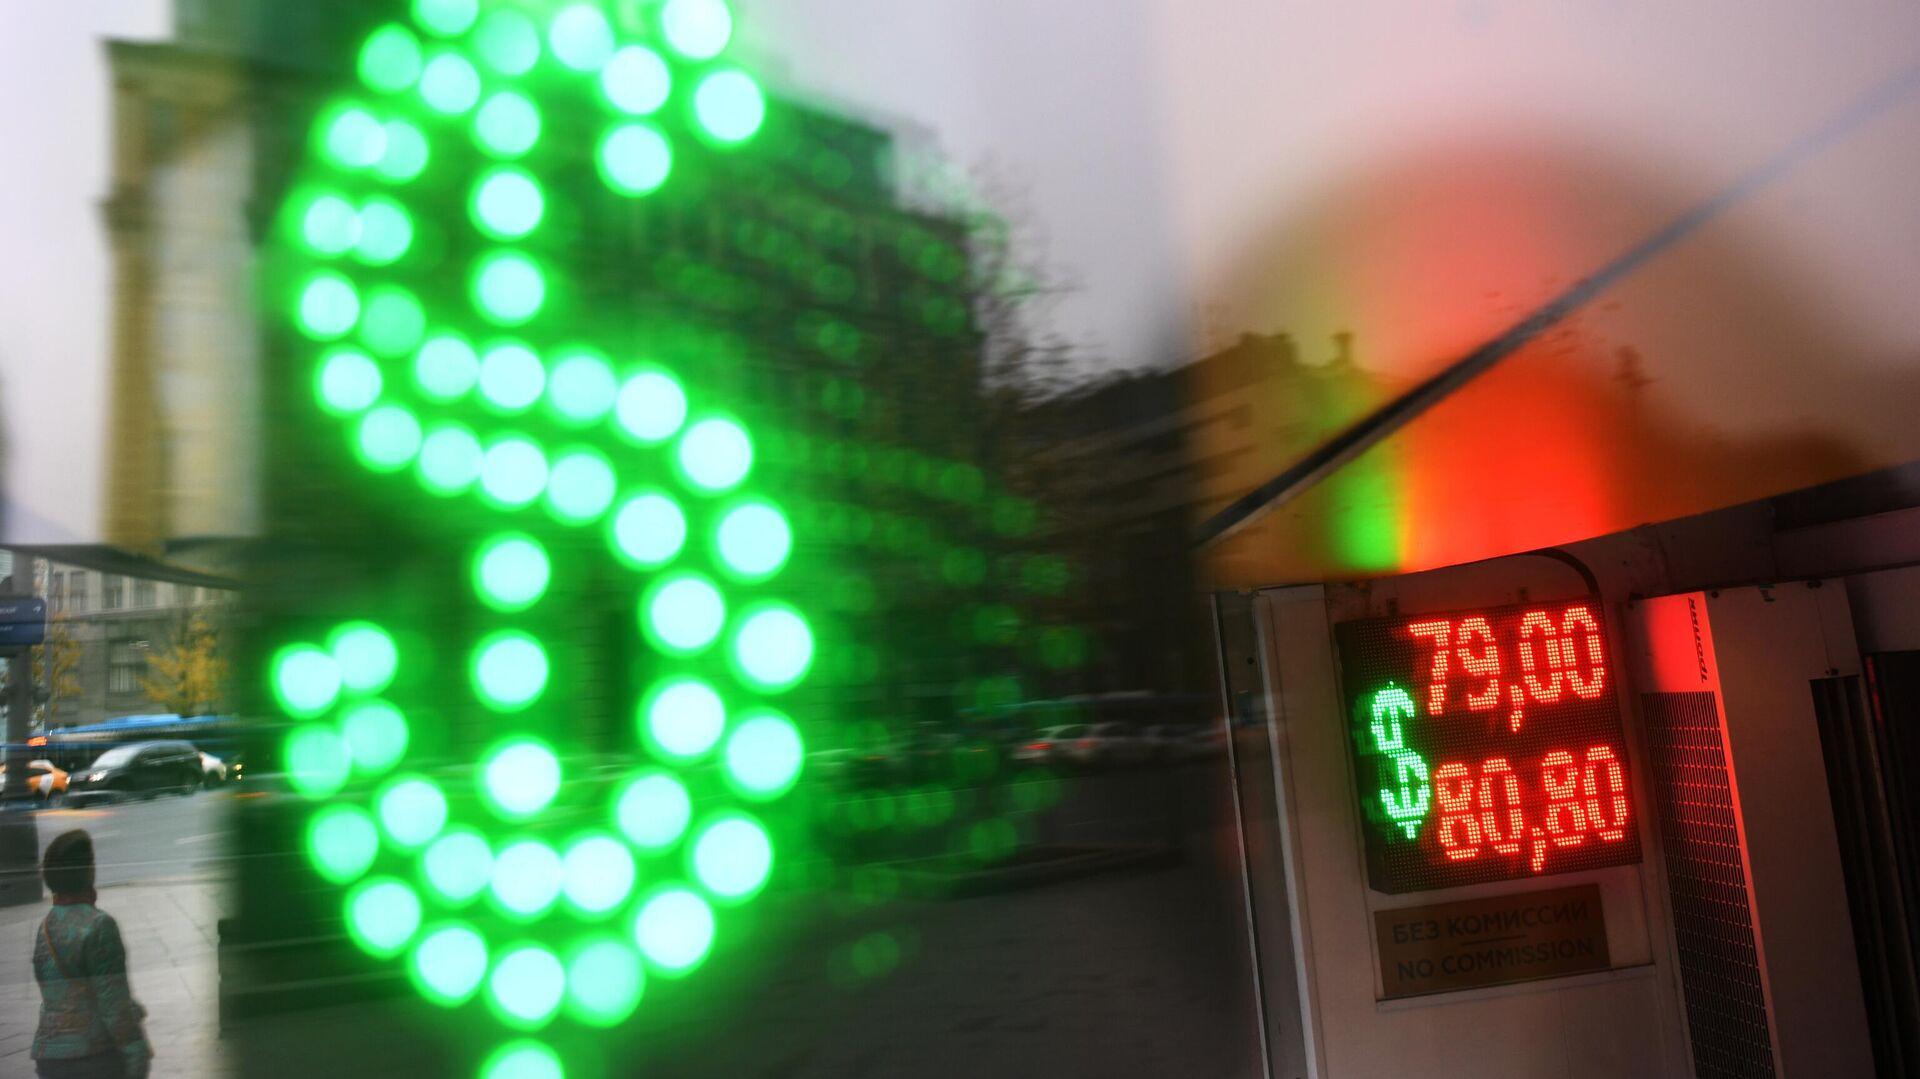 Электронное табло с курсами валют на одной из улиц в Москве - РИА Новости, 1920, 26.03.2021